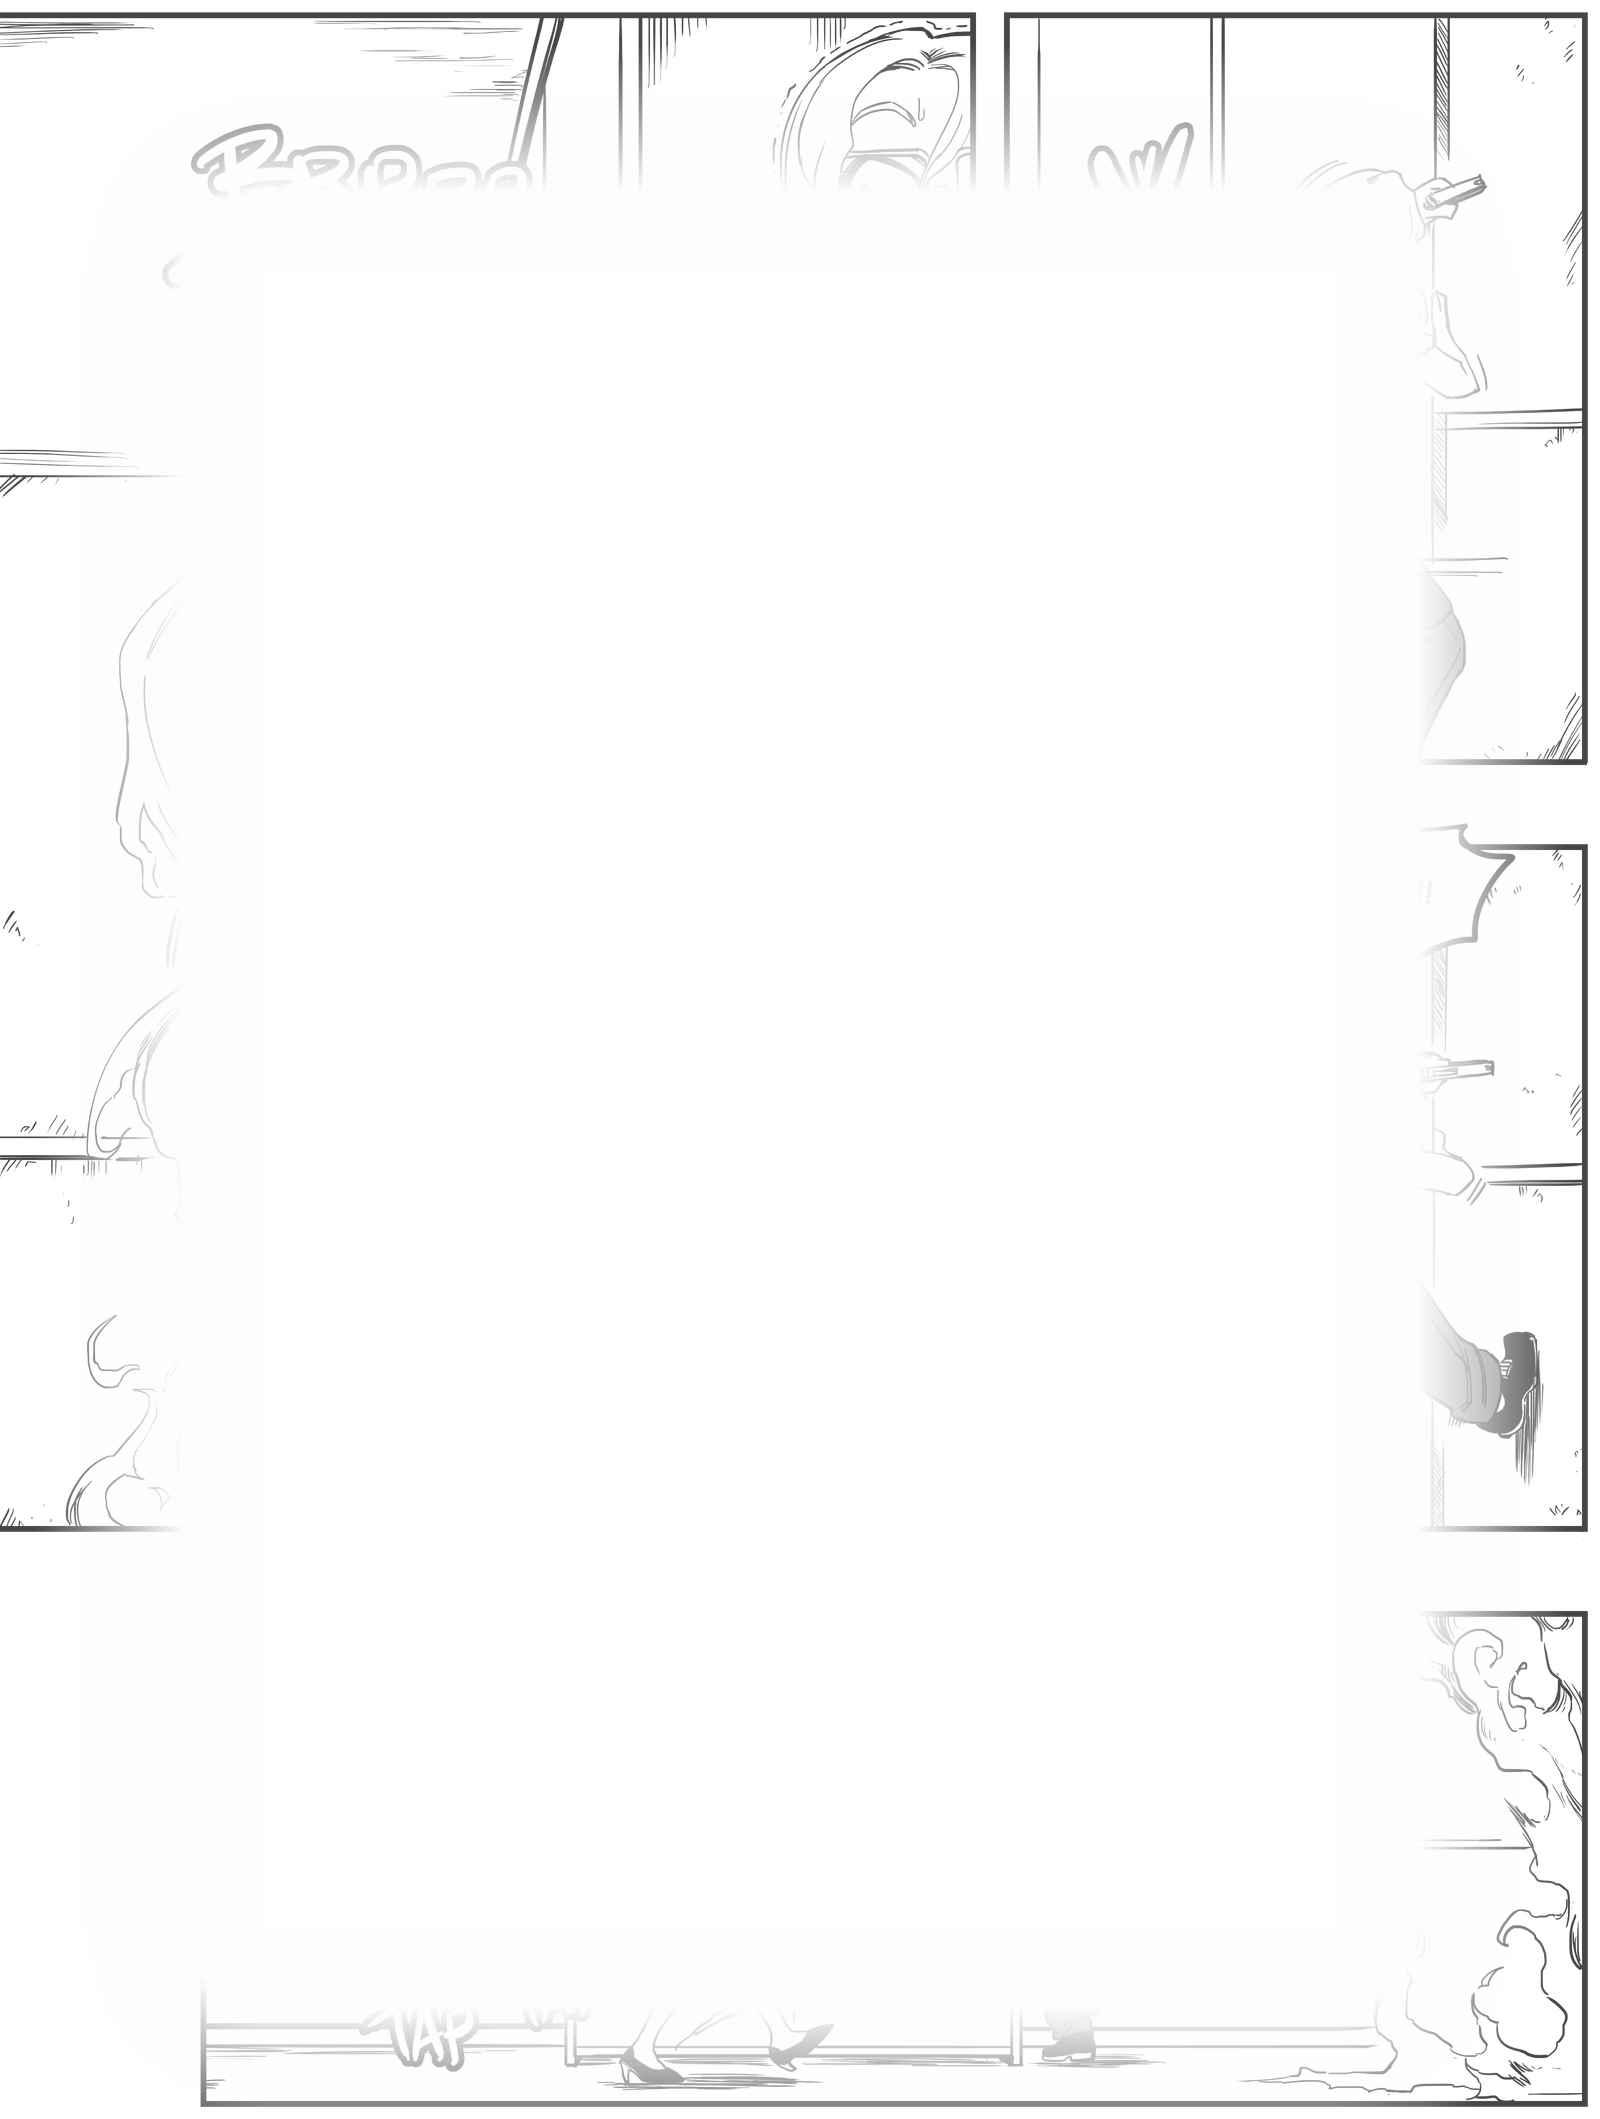 Hémisphères : Chapitre 16 page 11